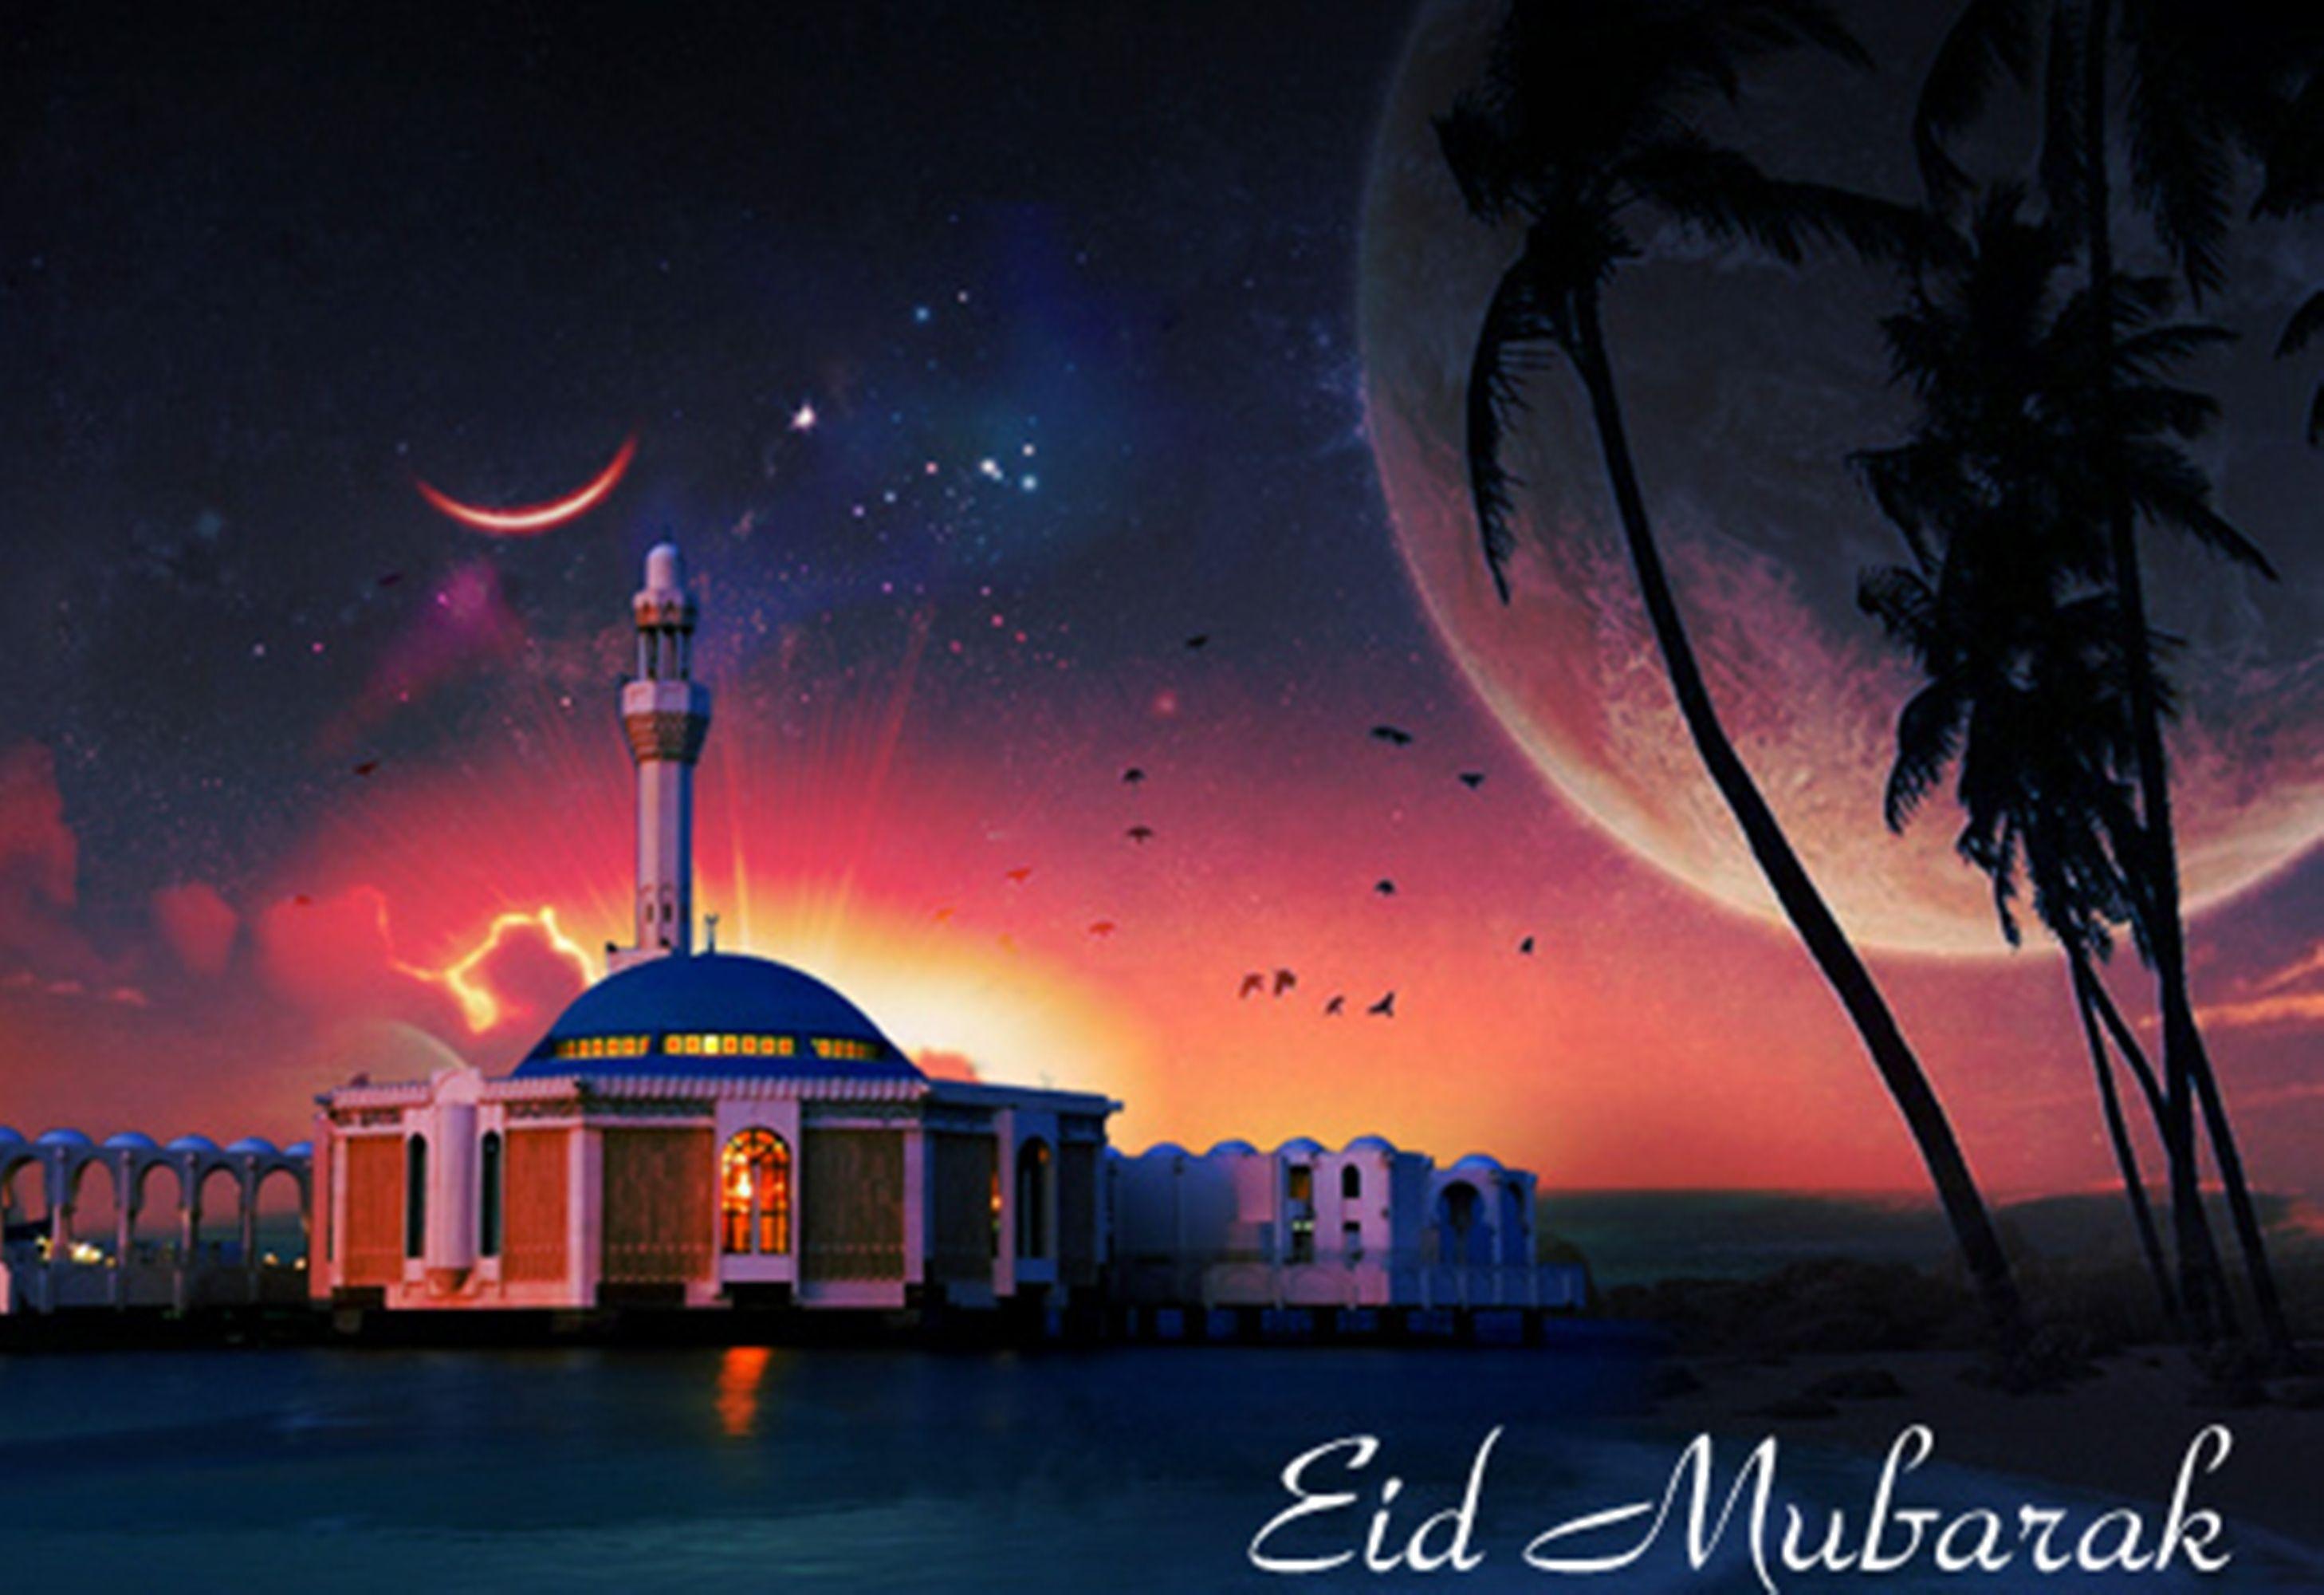 Wallpaper download eid - Happy Eid Mubarak Images Free Download 2015